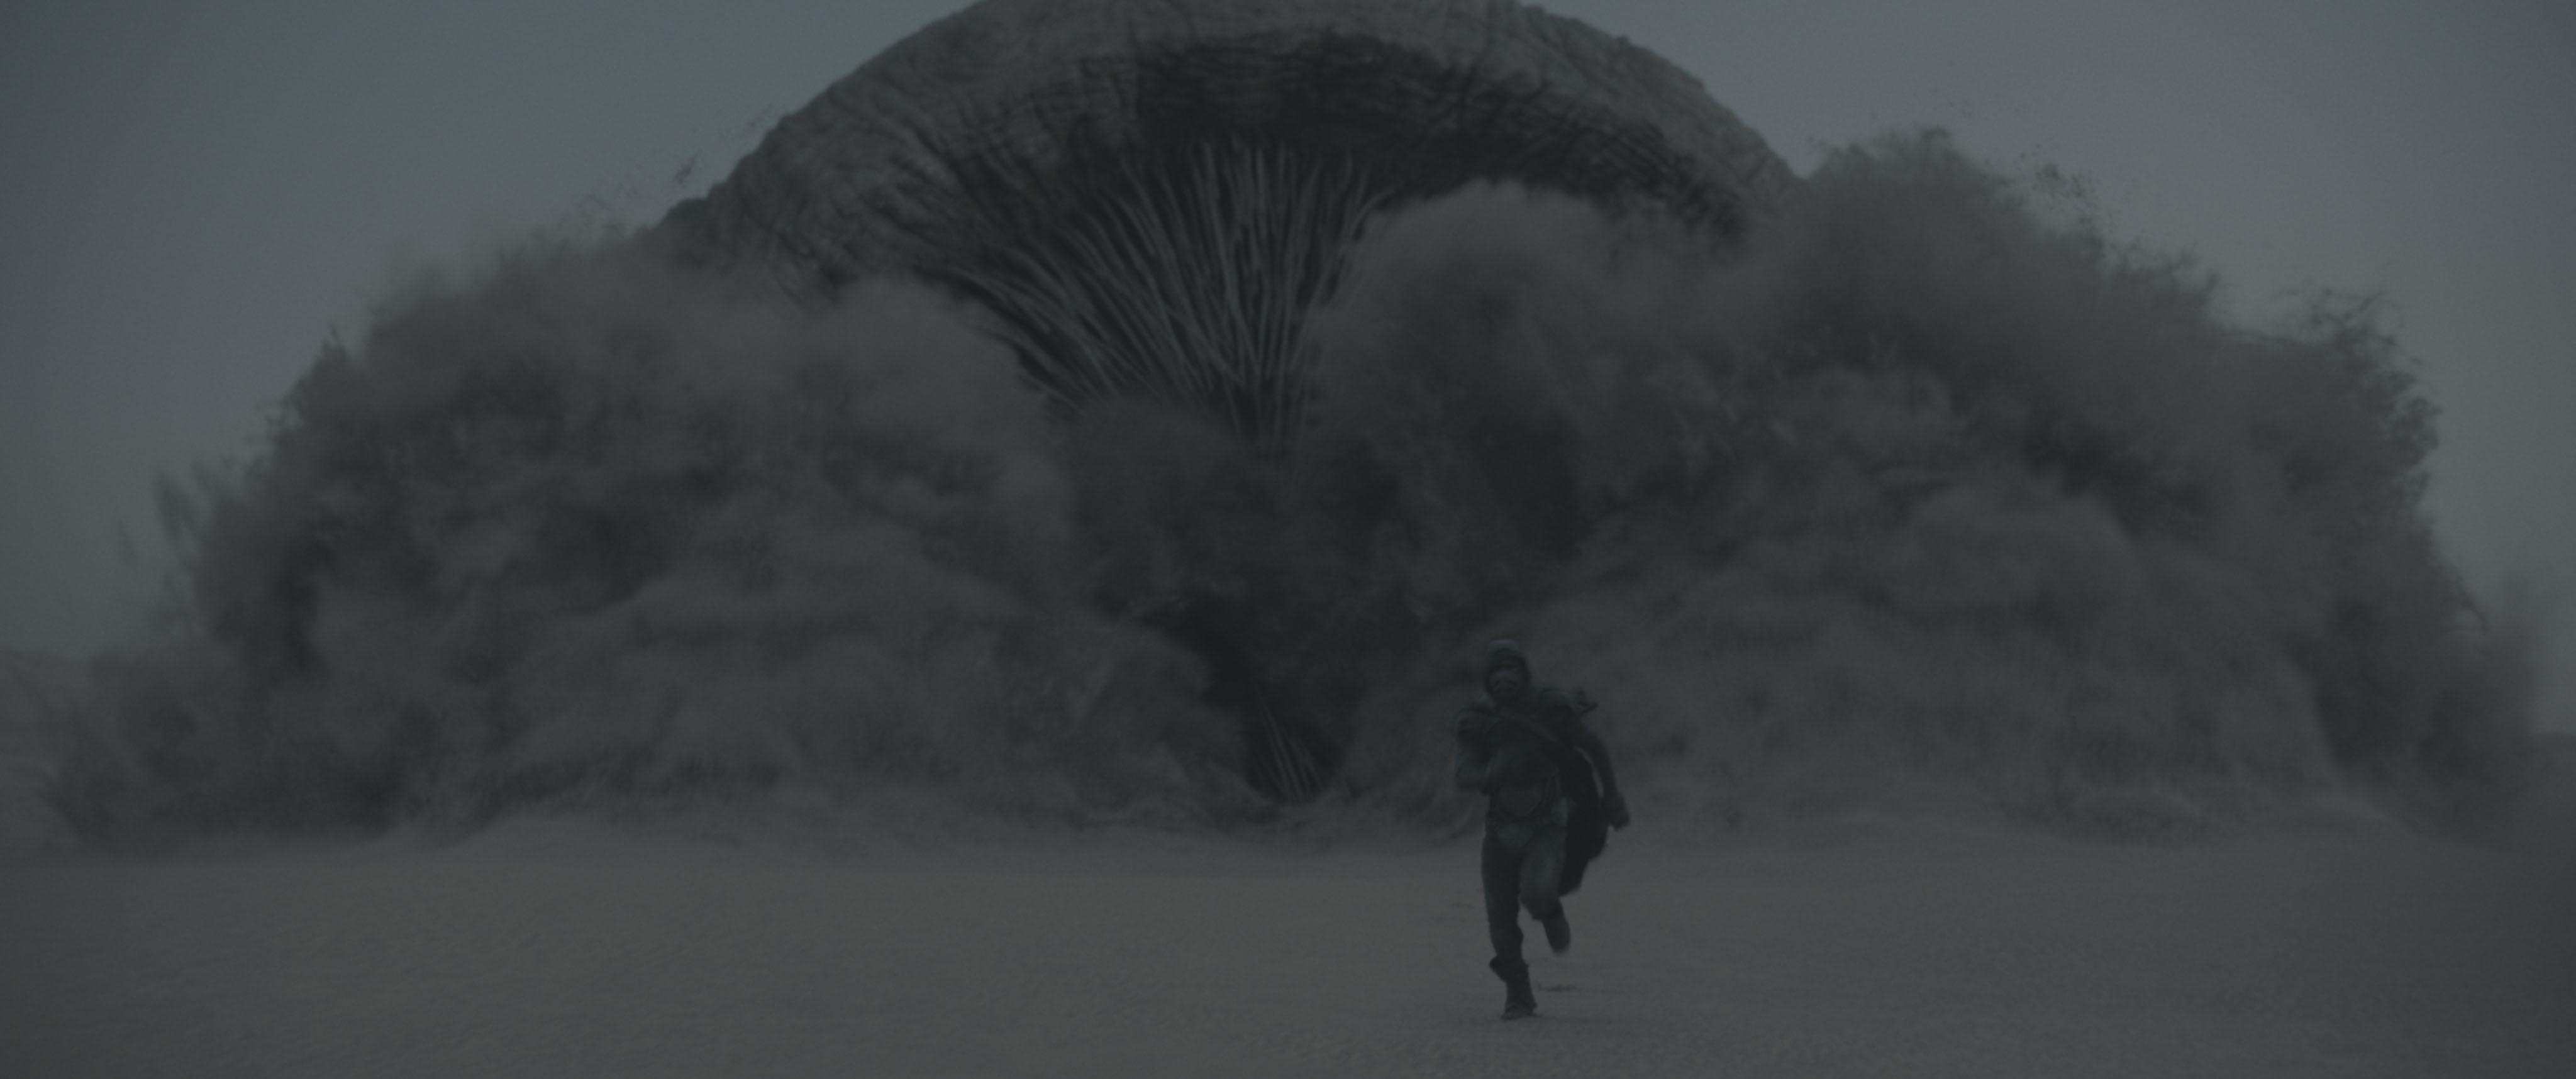 曠世奇片的降臨時刻──《沙丘》